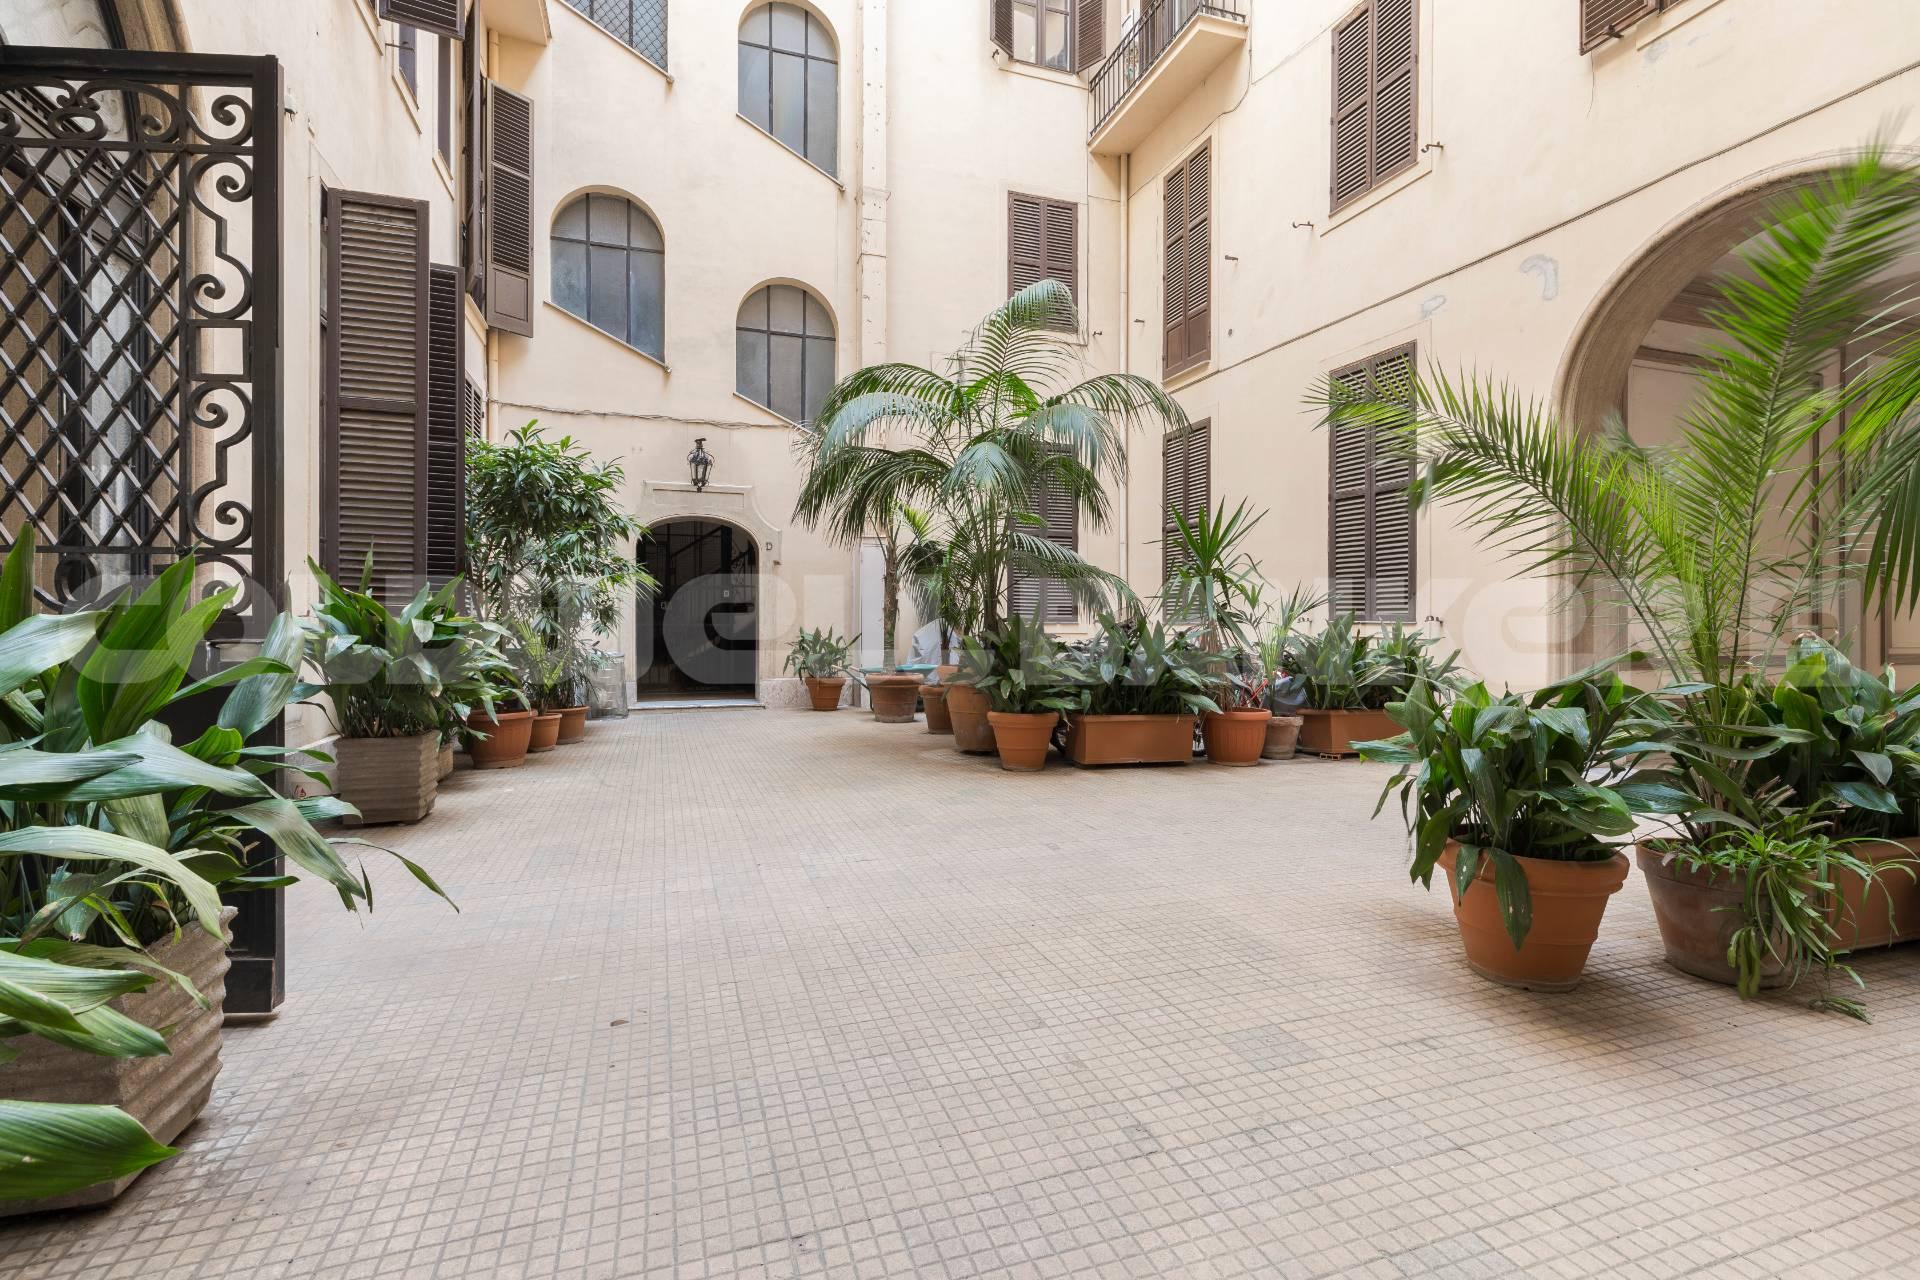 Cbi072 568 ex1350 ufficio in affitto a roma centro for Affitto ufficio giornaliero roma